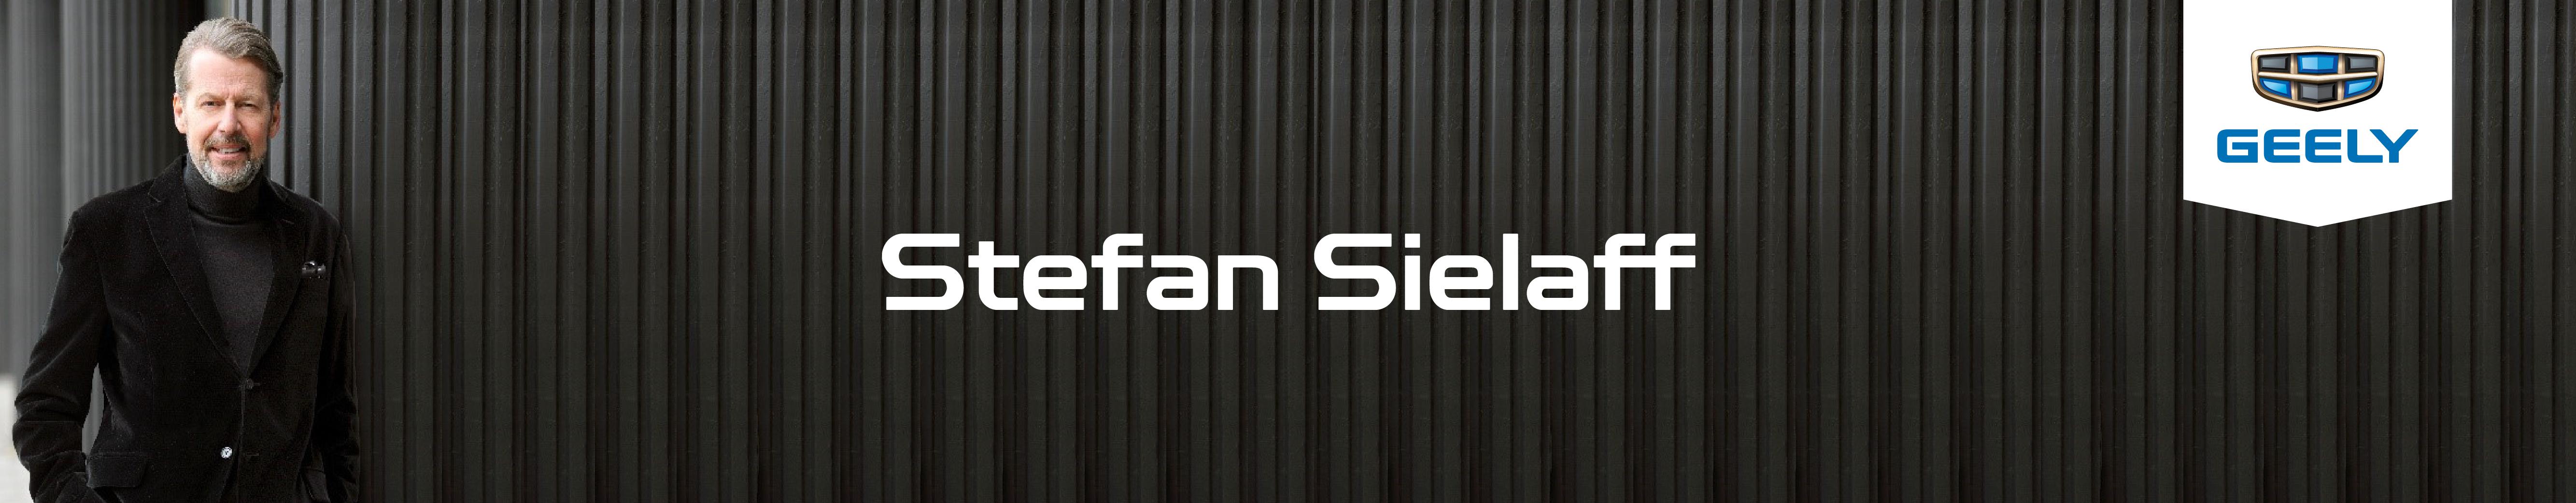 Stefan Sielaff Vicepresidente de diseño Global Geely